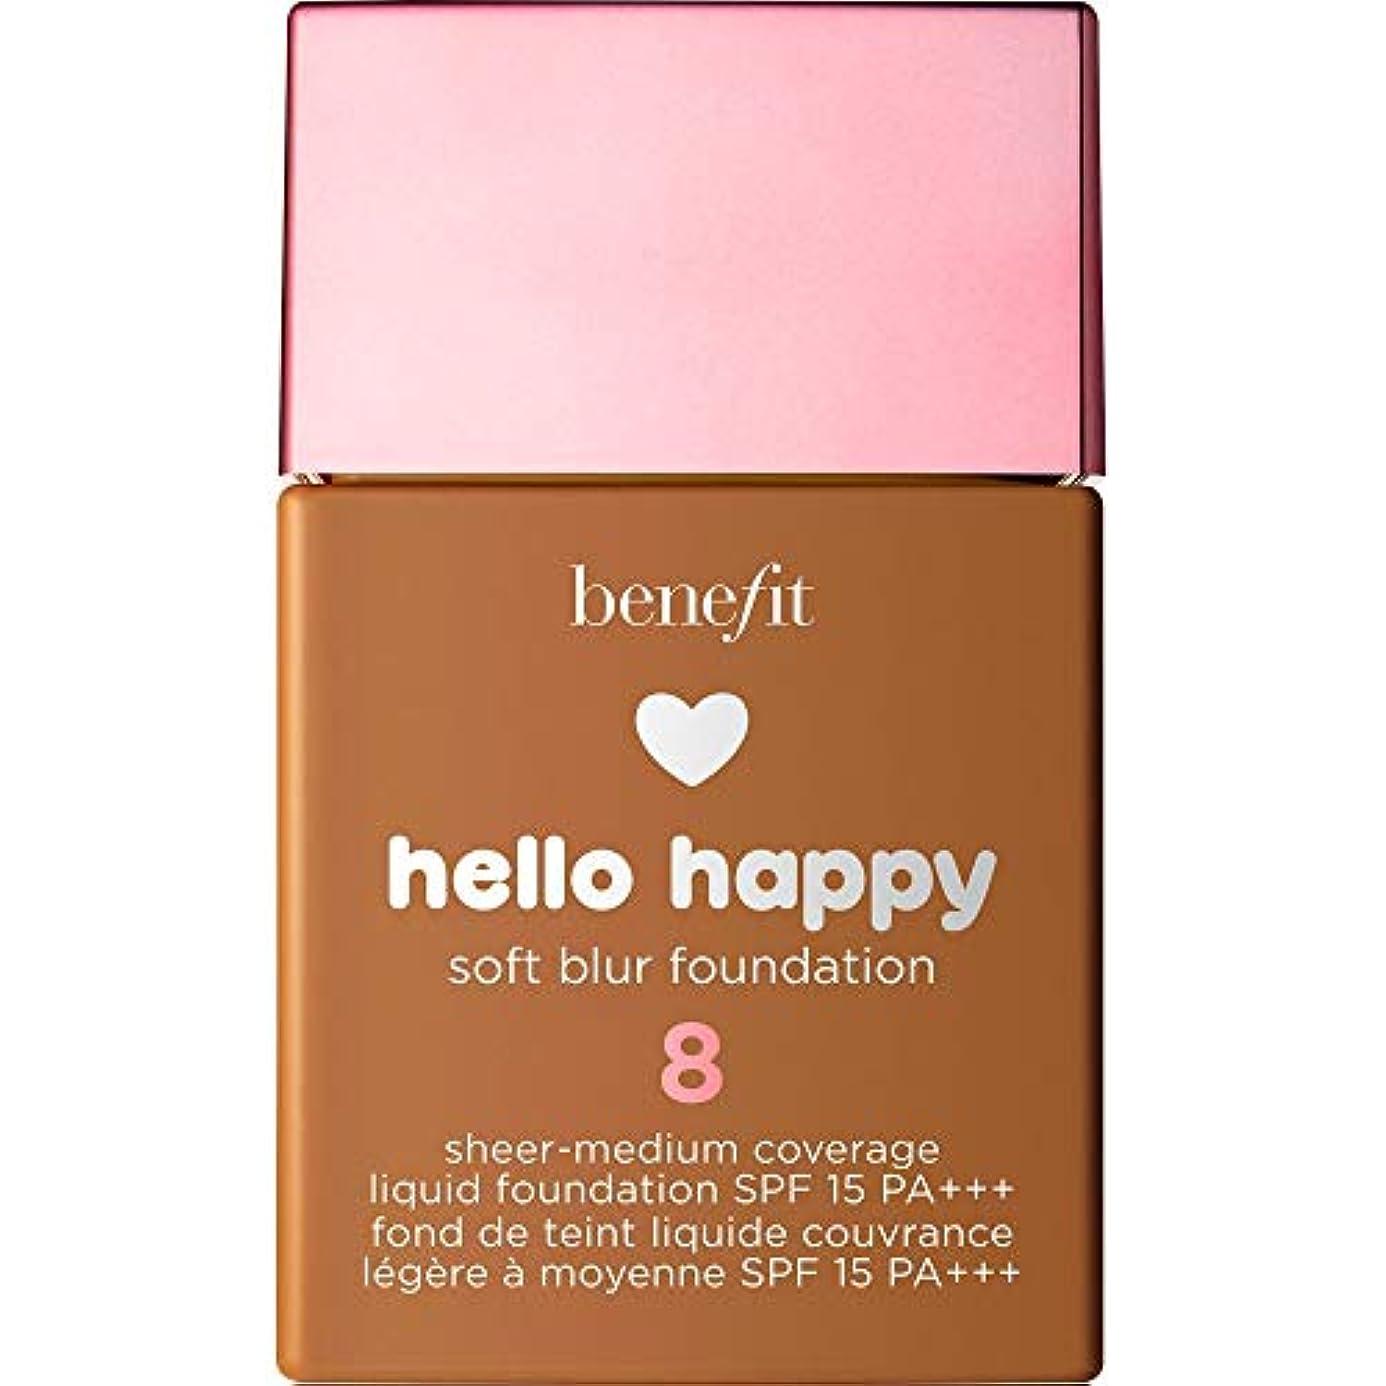 研磨天才嫌がらせ[Benefit ] 利益こんにちは幸せなソフトブラー基礎Spf15 30ミリリットル8 - 日焼け暖かいです - Benefit Hello Happy Soft Blur Foundation SPF15 30ml...